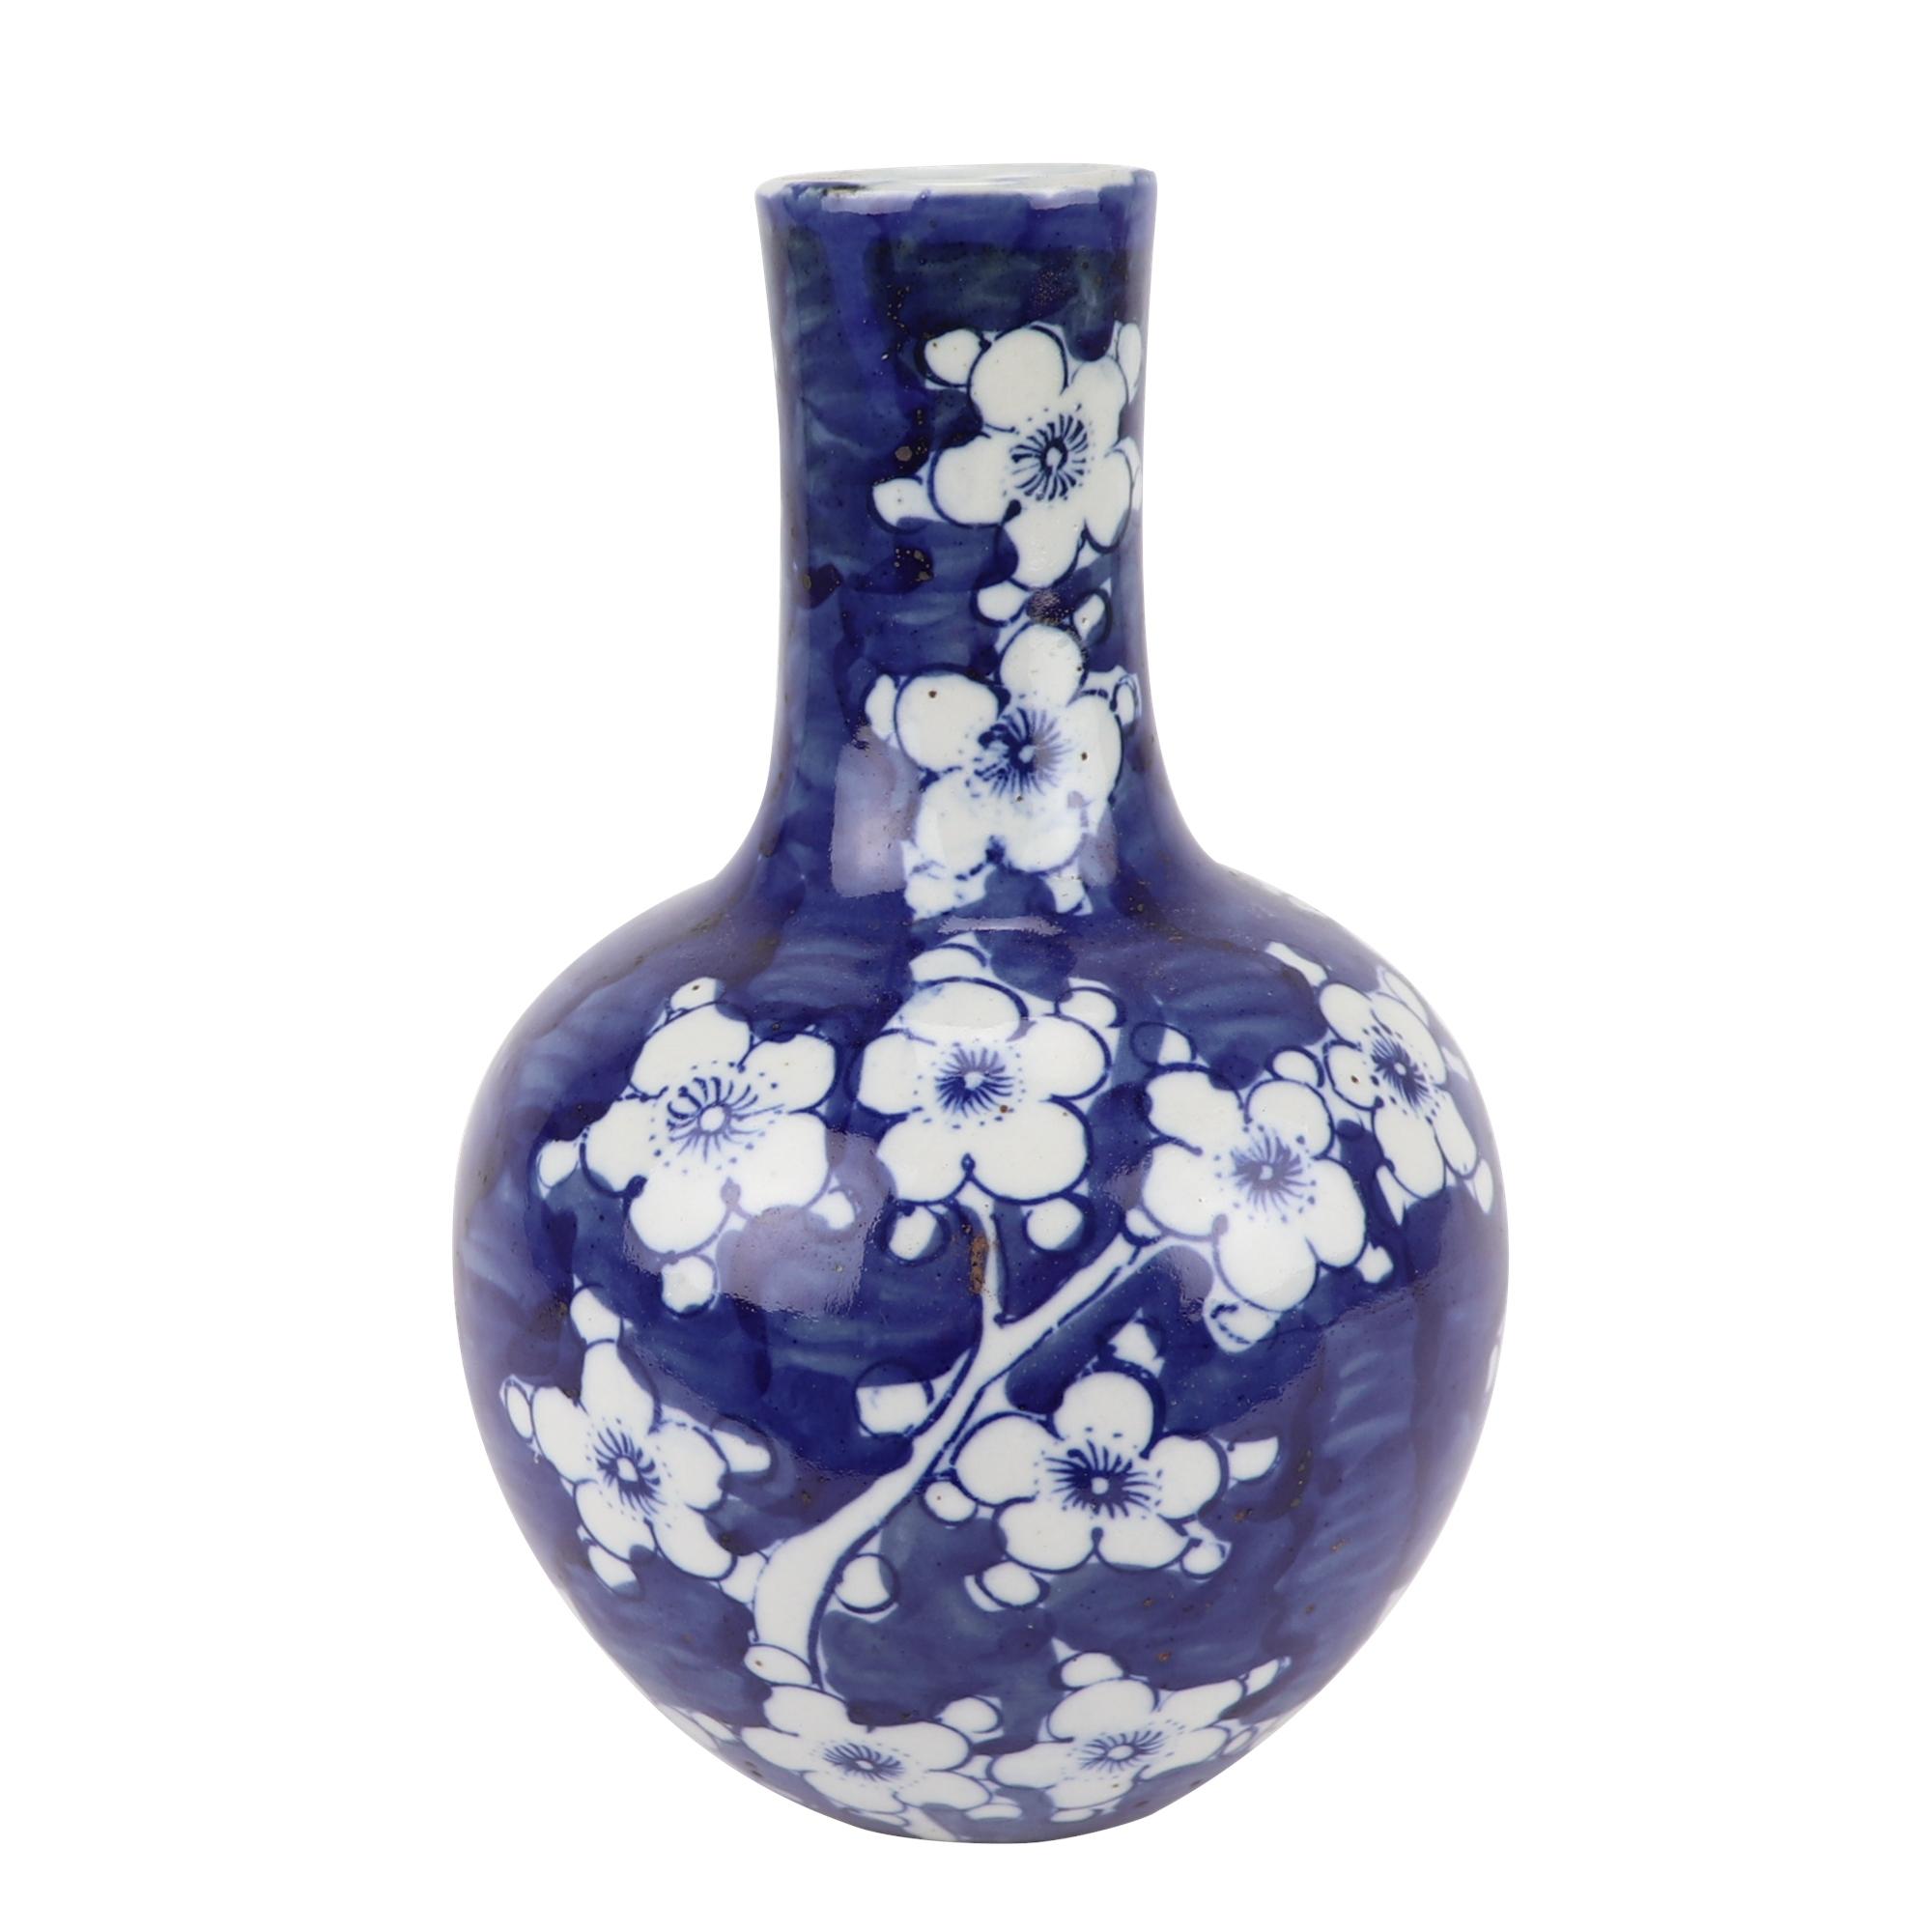 陶瓷新中式青花瓷插花冰梅花瓶